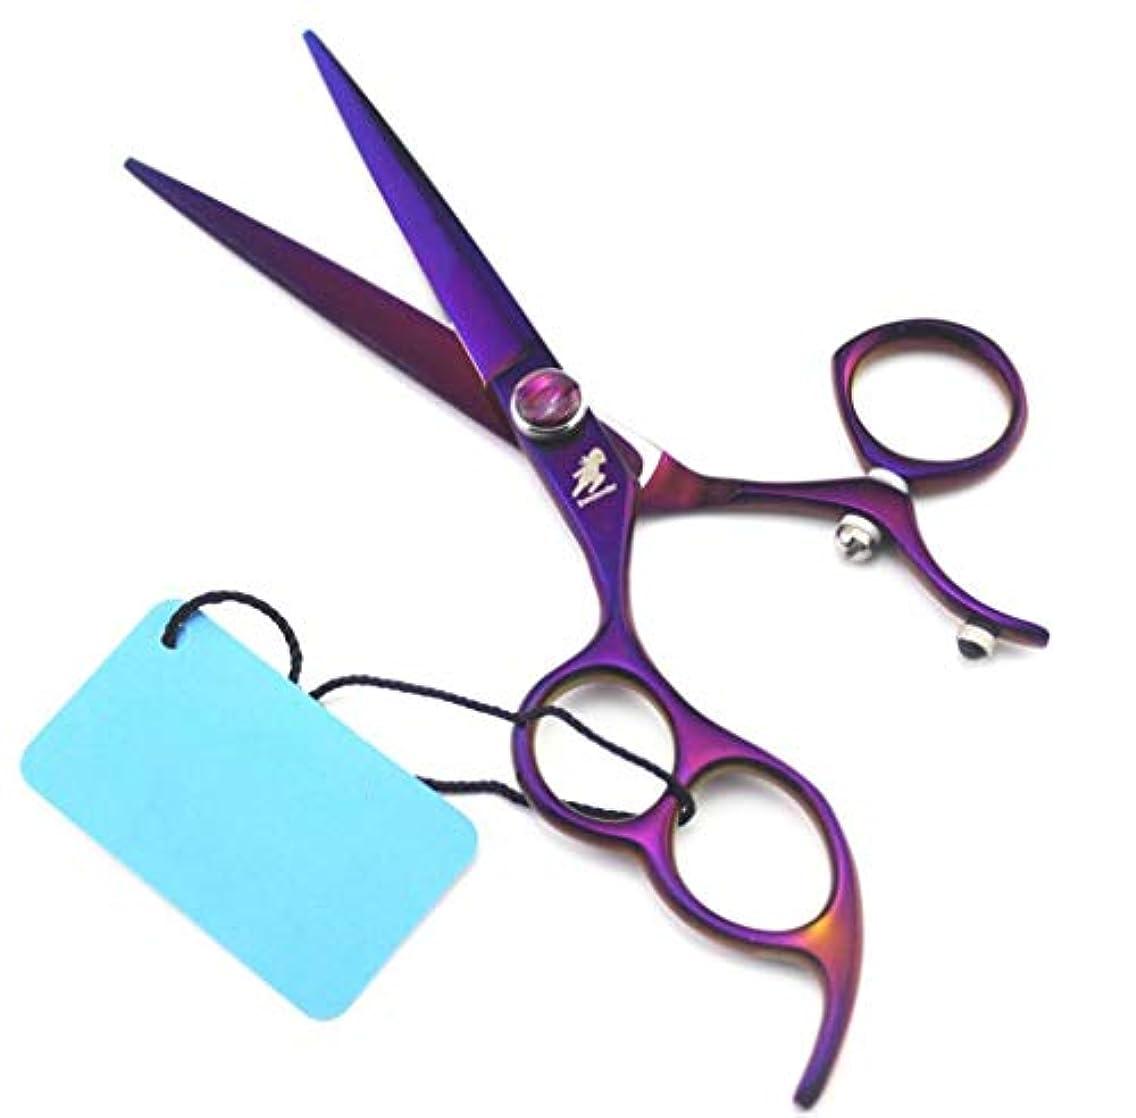 必要性メインマーティフィールディング6.0インチパープル360度回転親指ヘアカットはさみプロの美容師用バッグが付いている理髪店はさみ左手(切断はさみ)